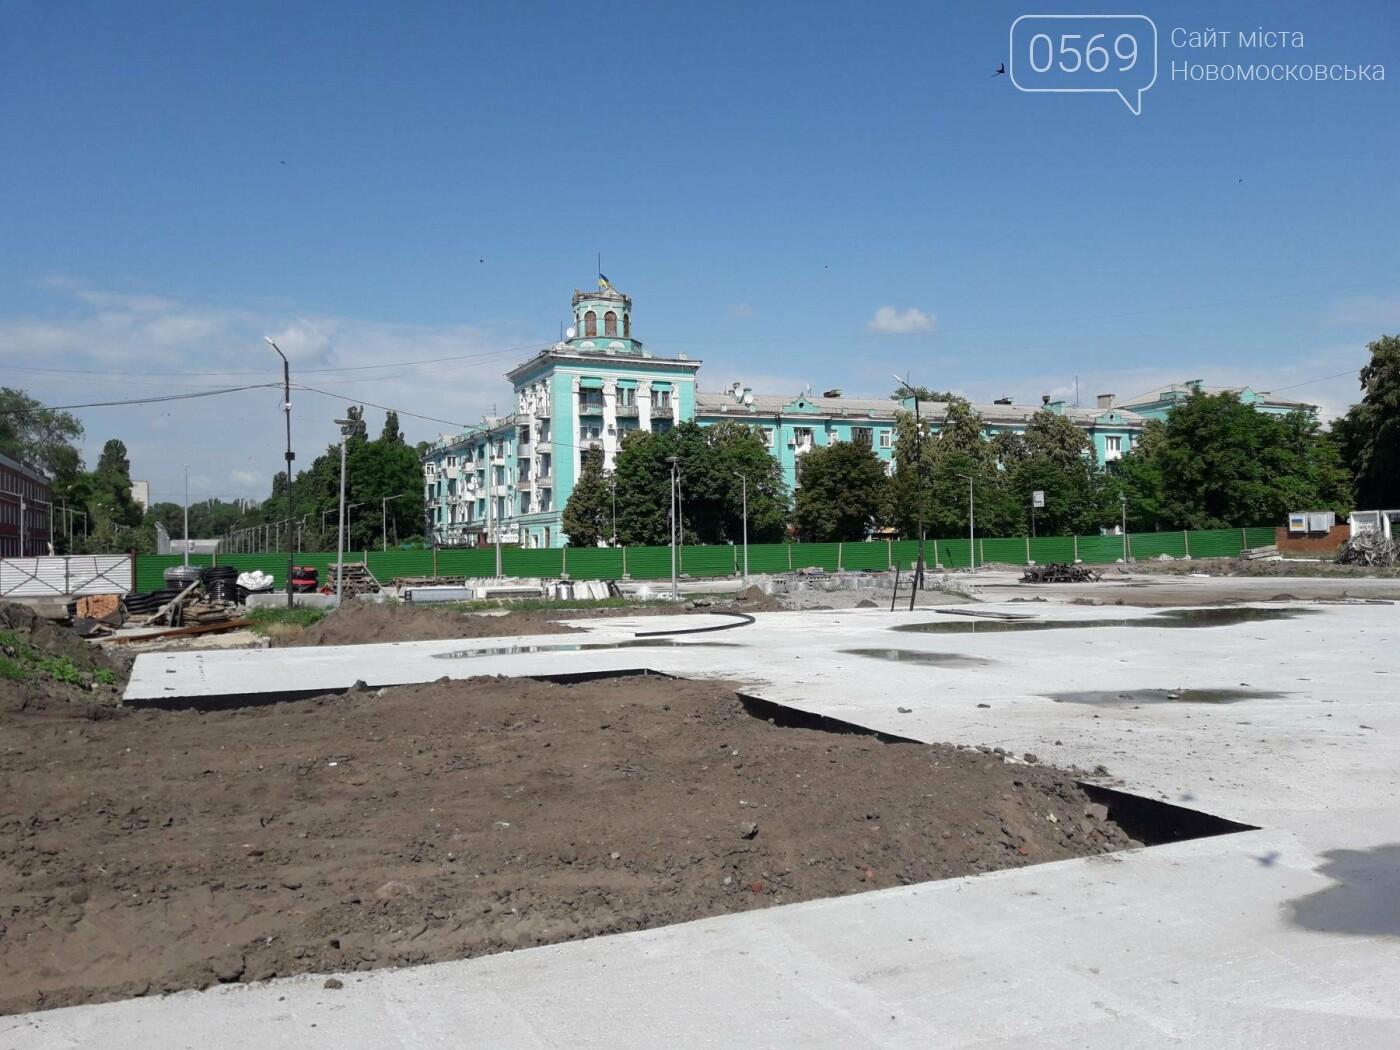 В Новомосковске продолжают реконструировать площадь Героев, фото-2